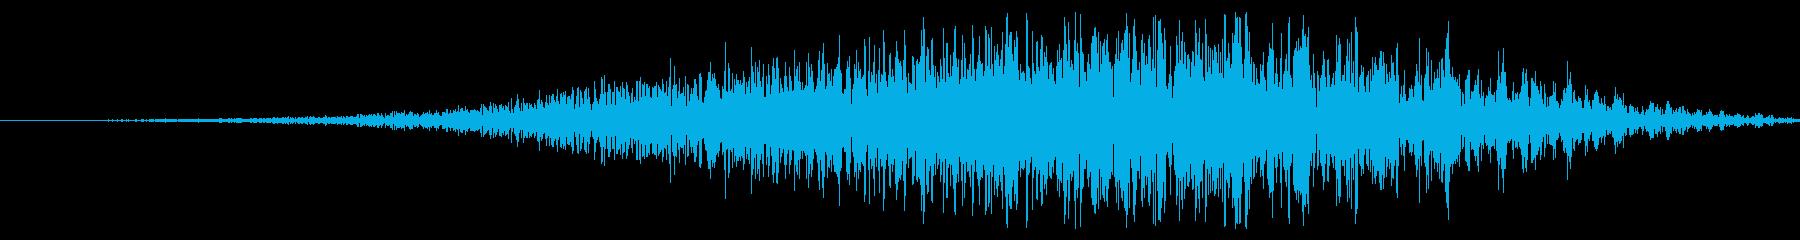 トンネルヒューシュラッシュの再生済みの波形